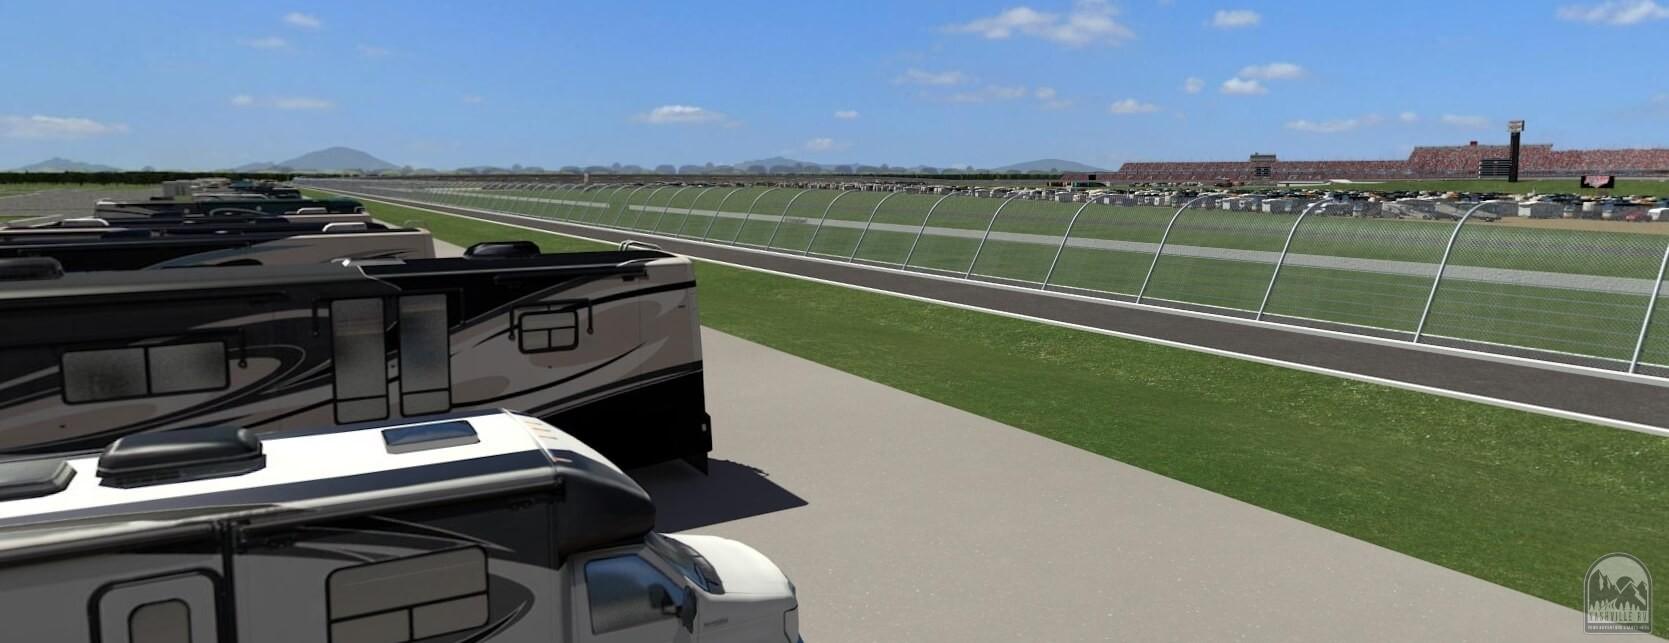 Talladega RV Parking